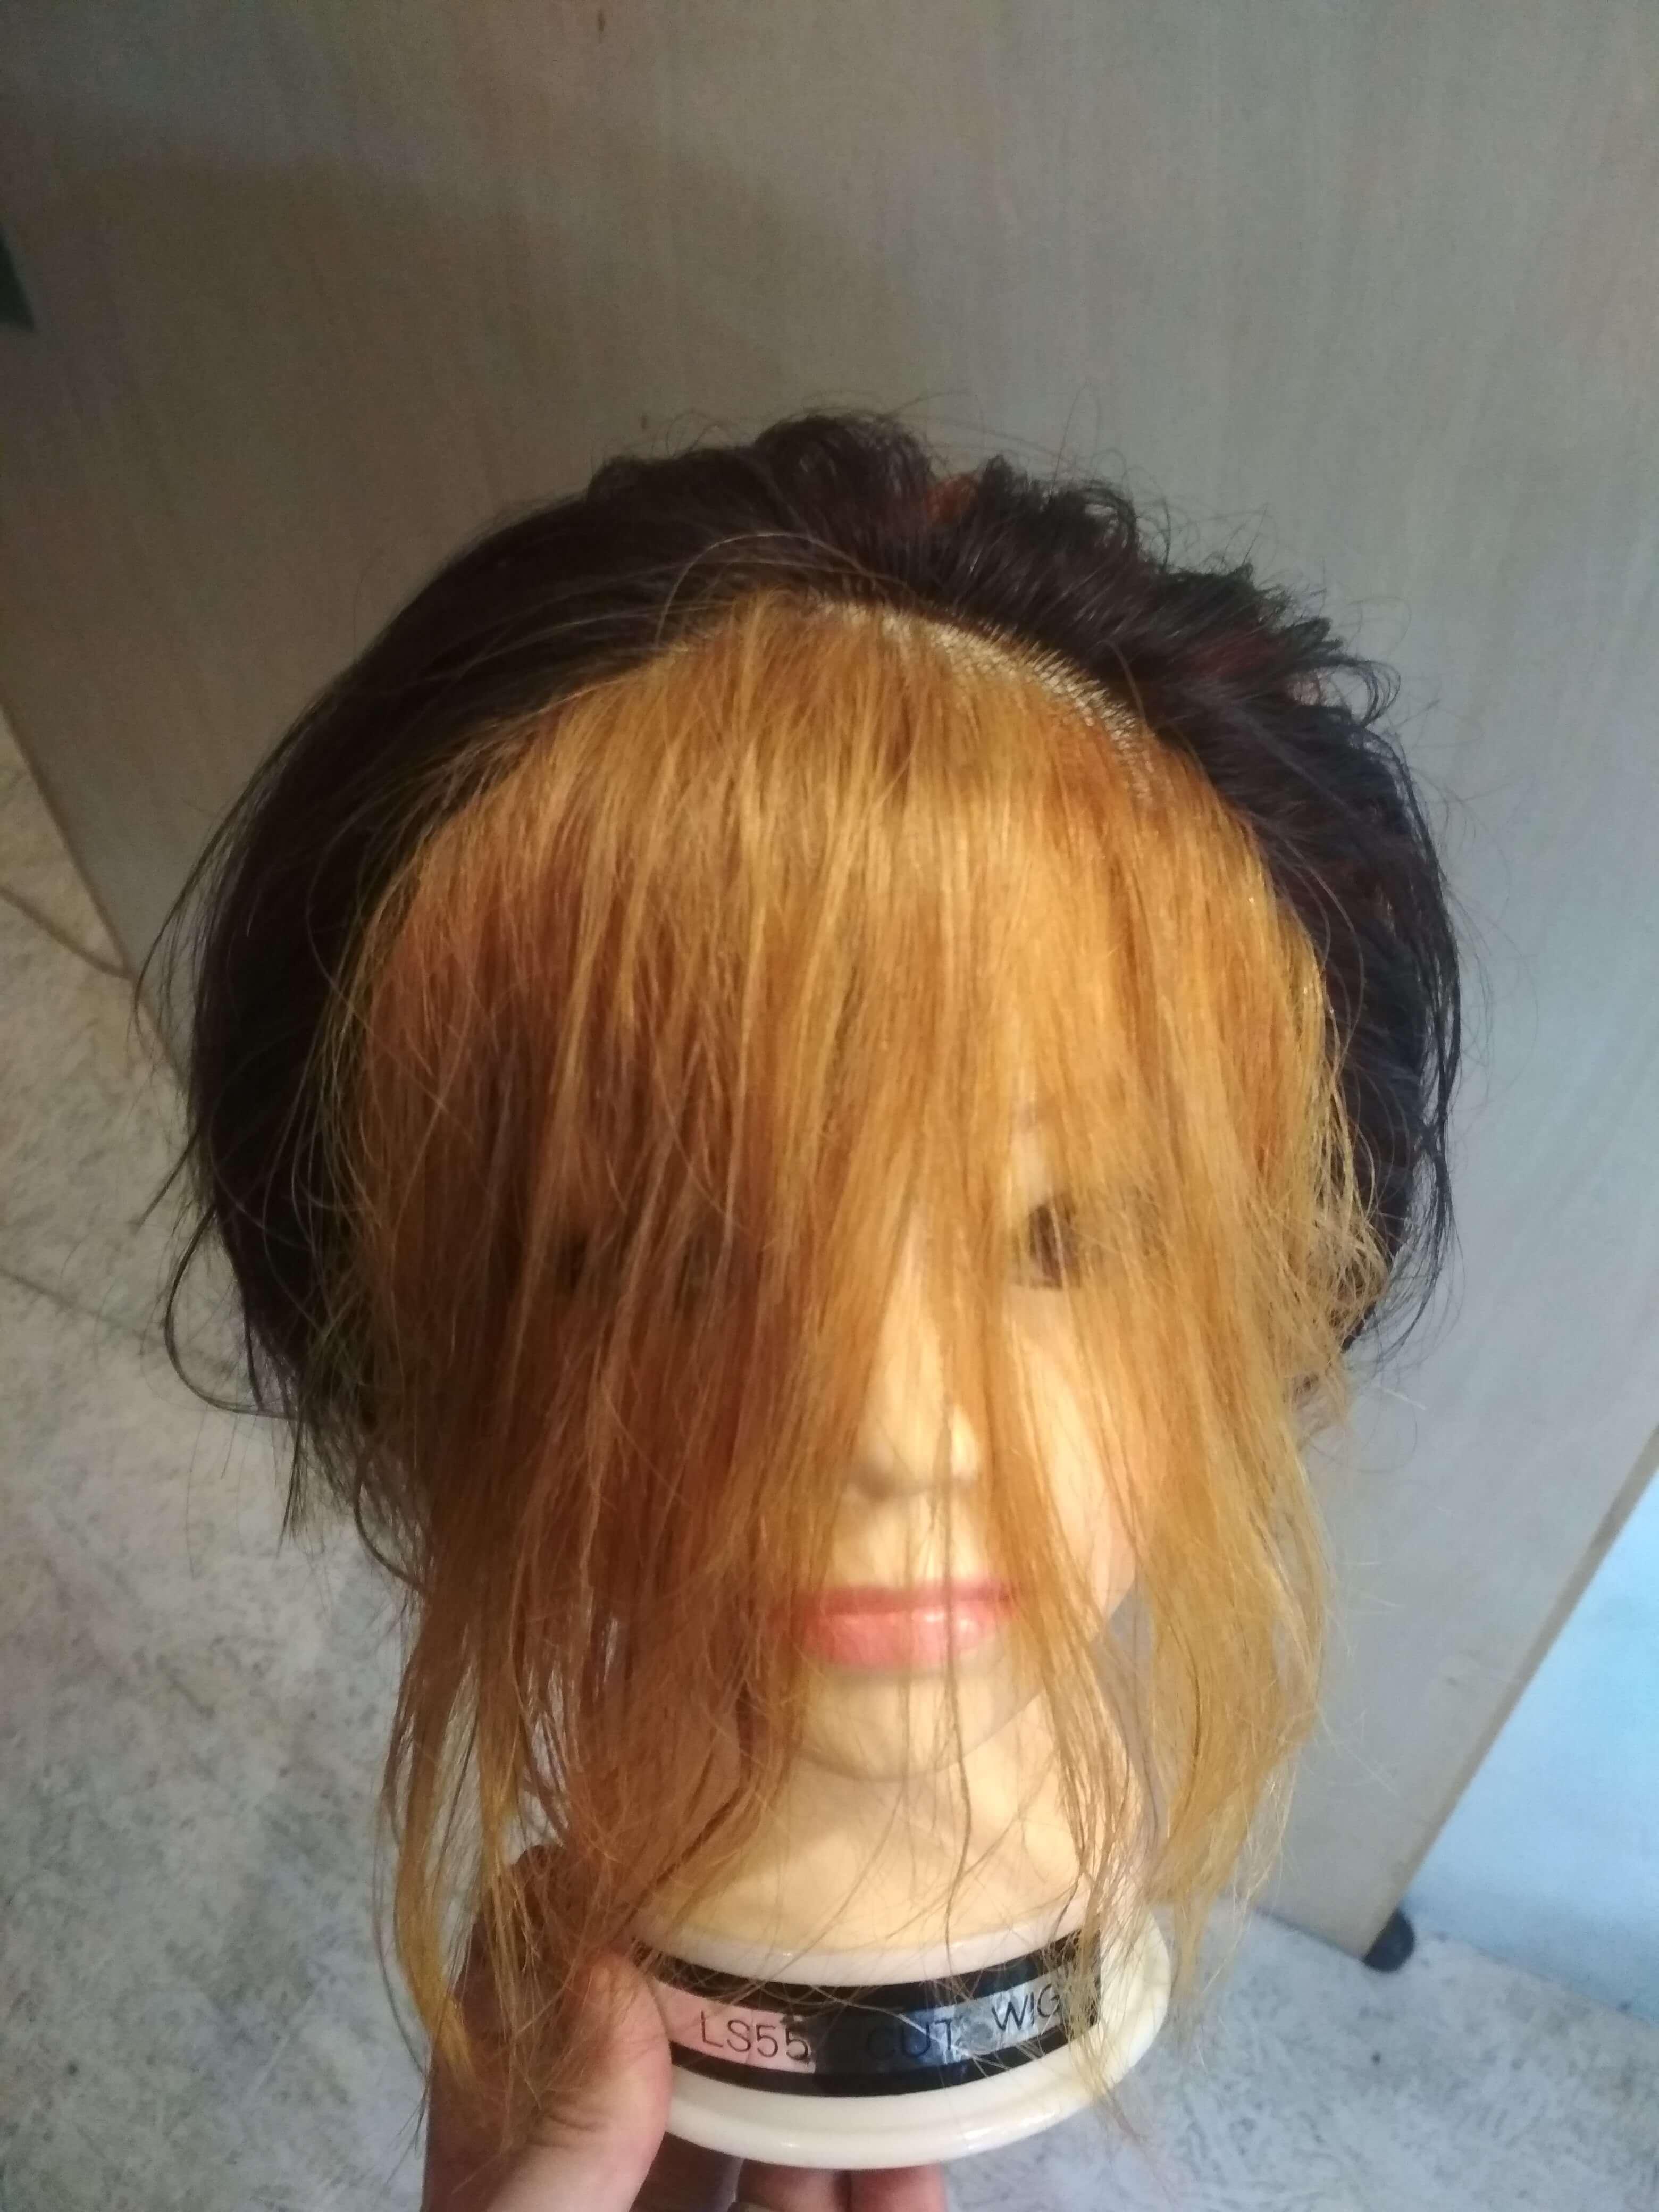 遊戯の髪型スタイリングなし